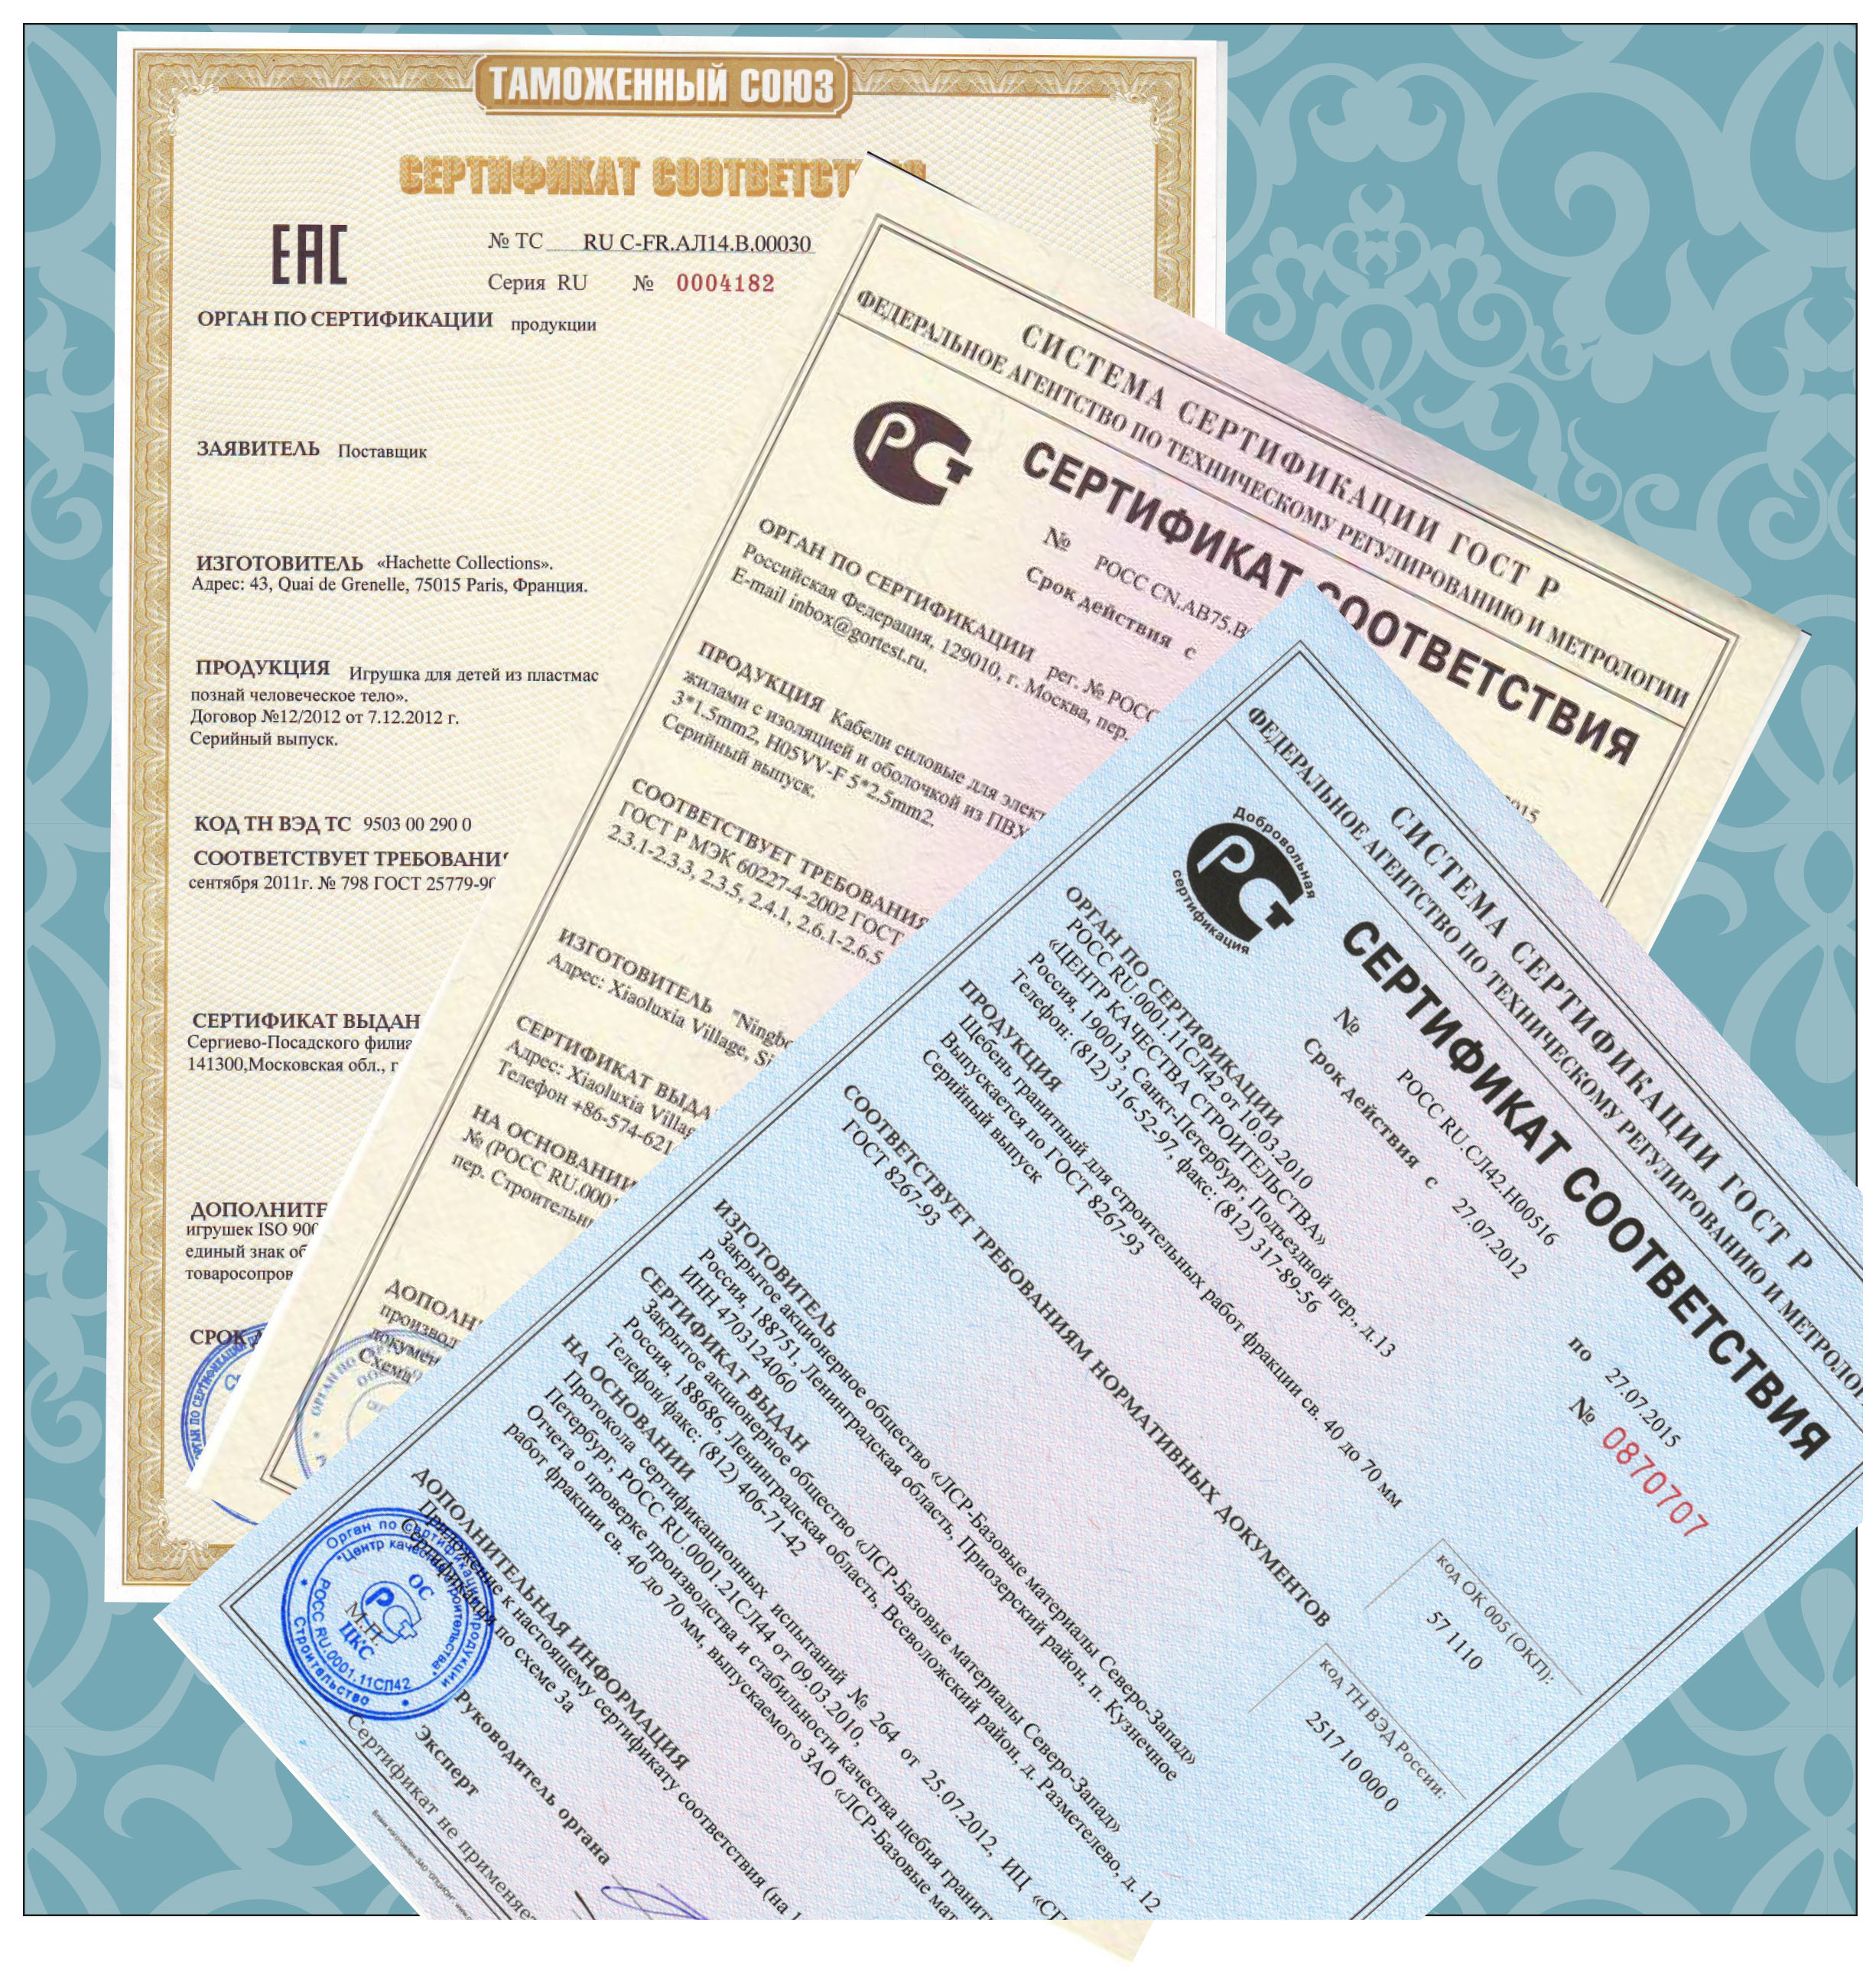 сертификат соответствия ст 1 оформление